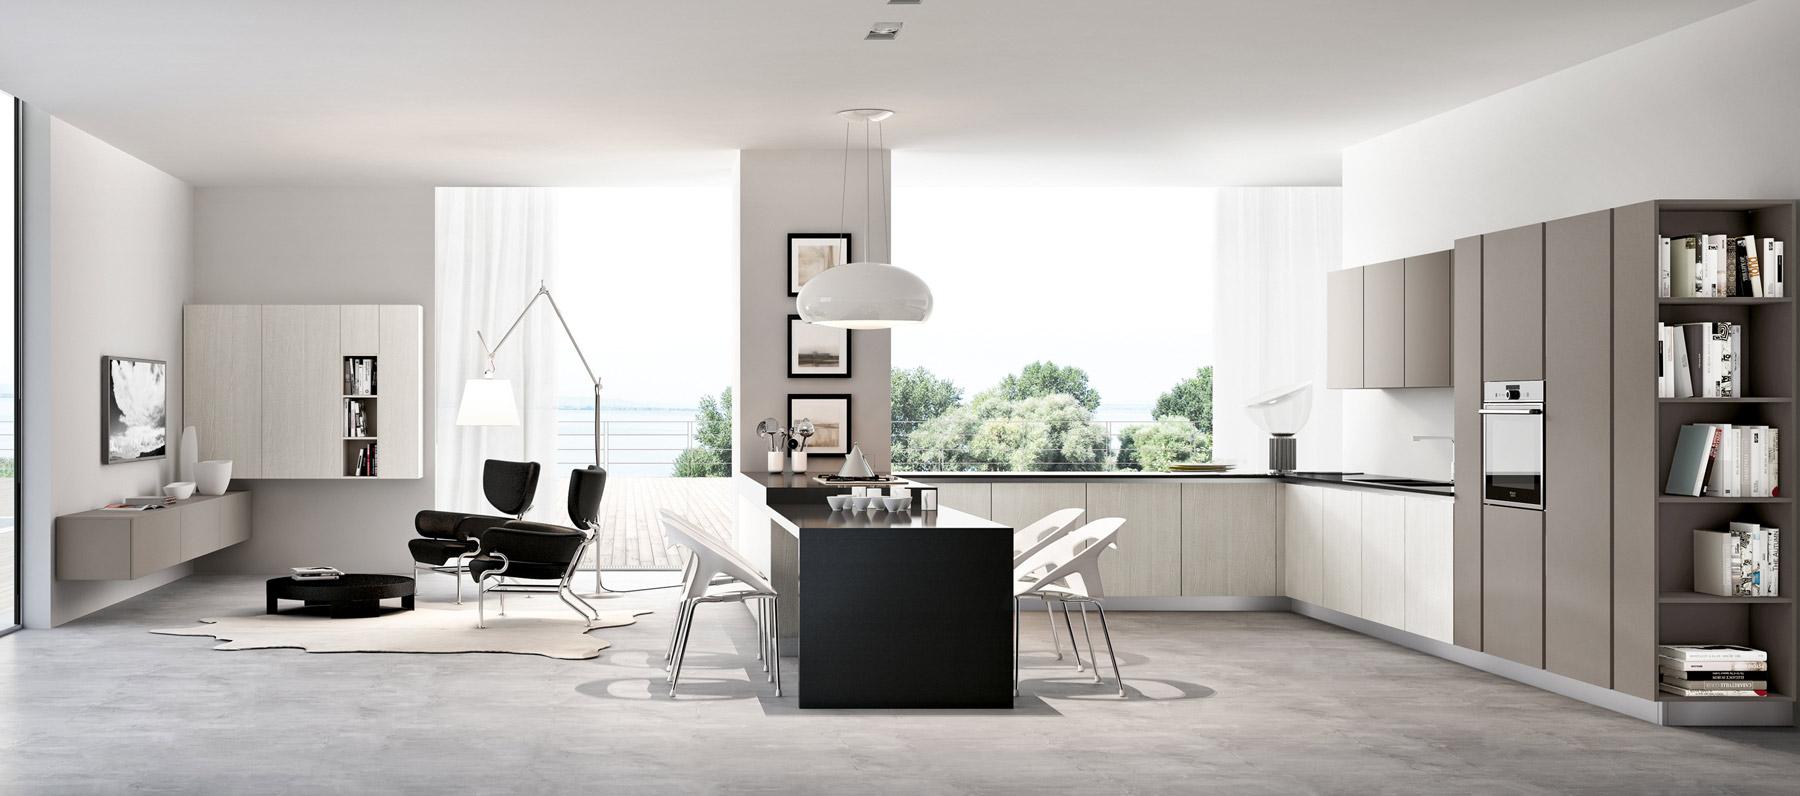 La Casa …..uno Stile Tutto Suo. #5E7556 1800 796 Semplice Design Della Cucina